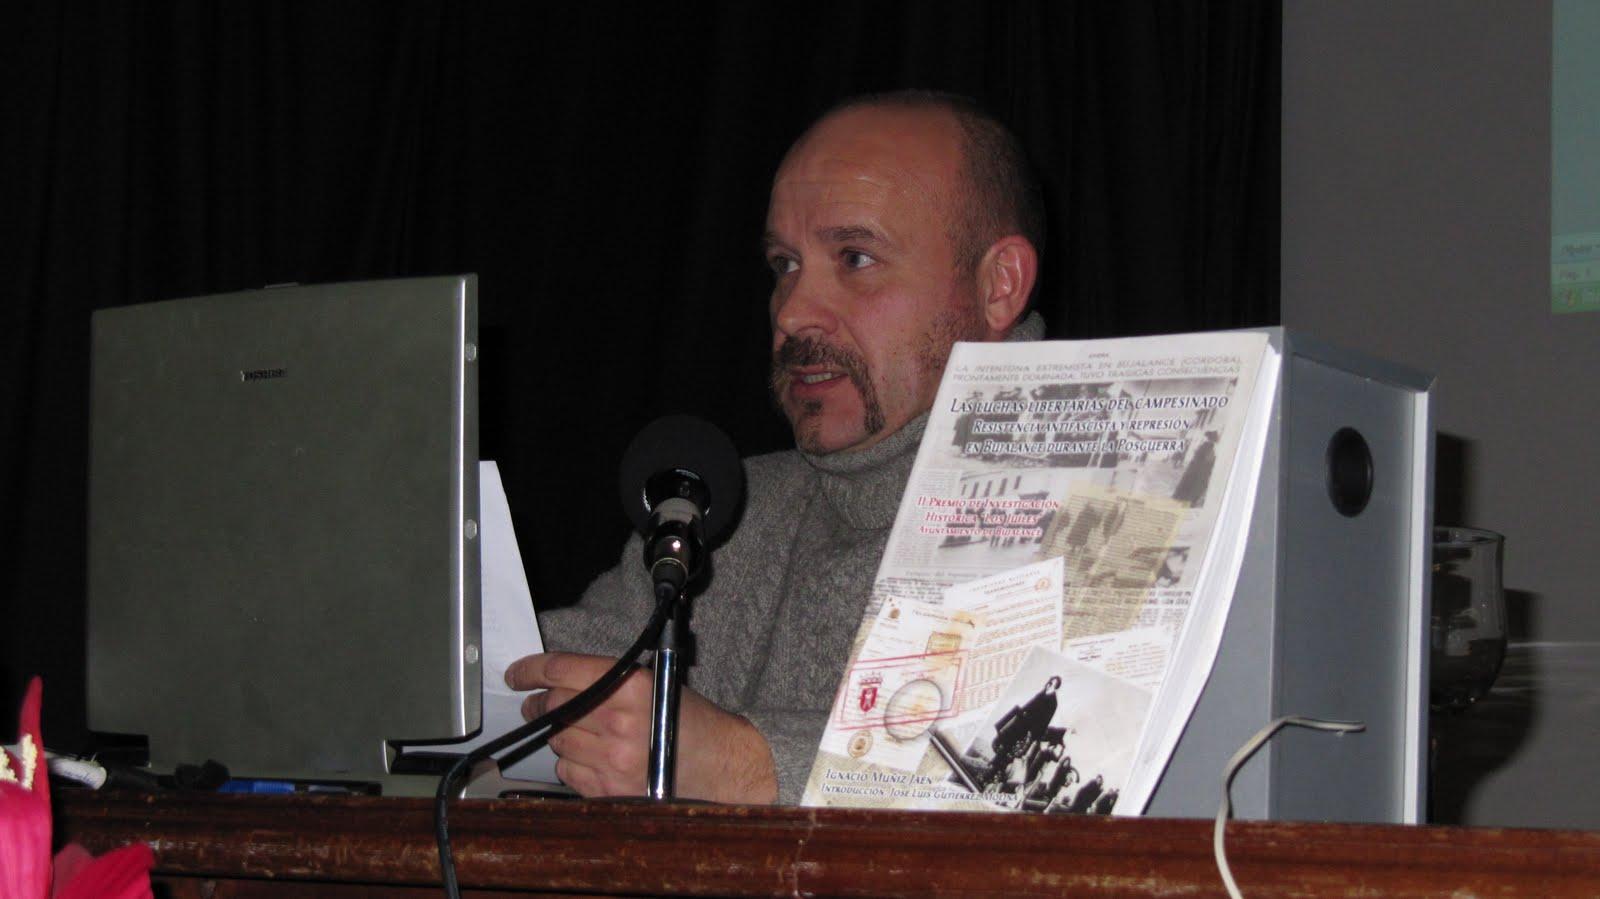 Onda menc a radio ignacio mu iz presenta en la casa de la cultura su libro sobre las luchas - Casa de cultura ignacio aldecoa ...